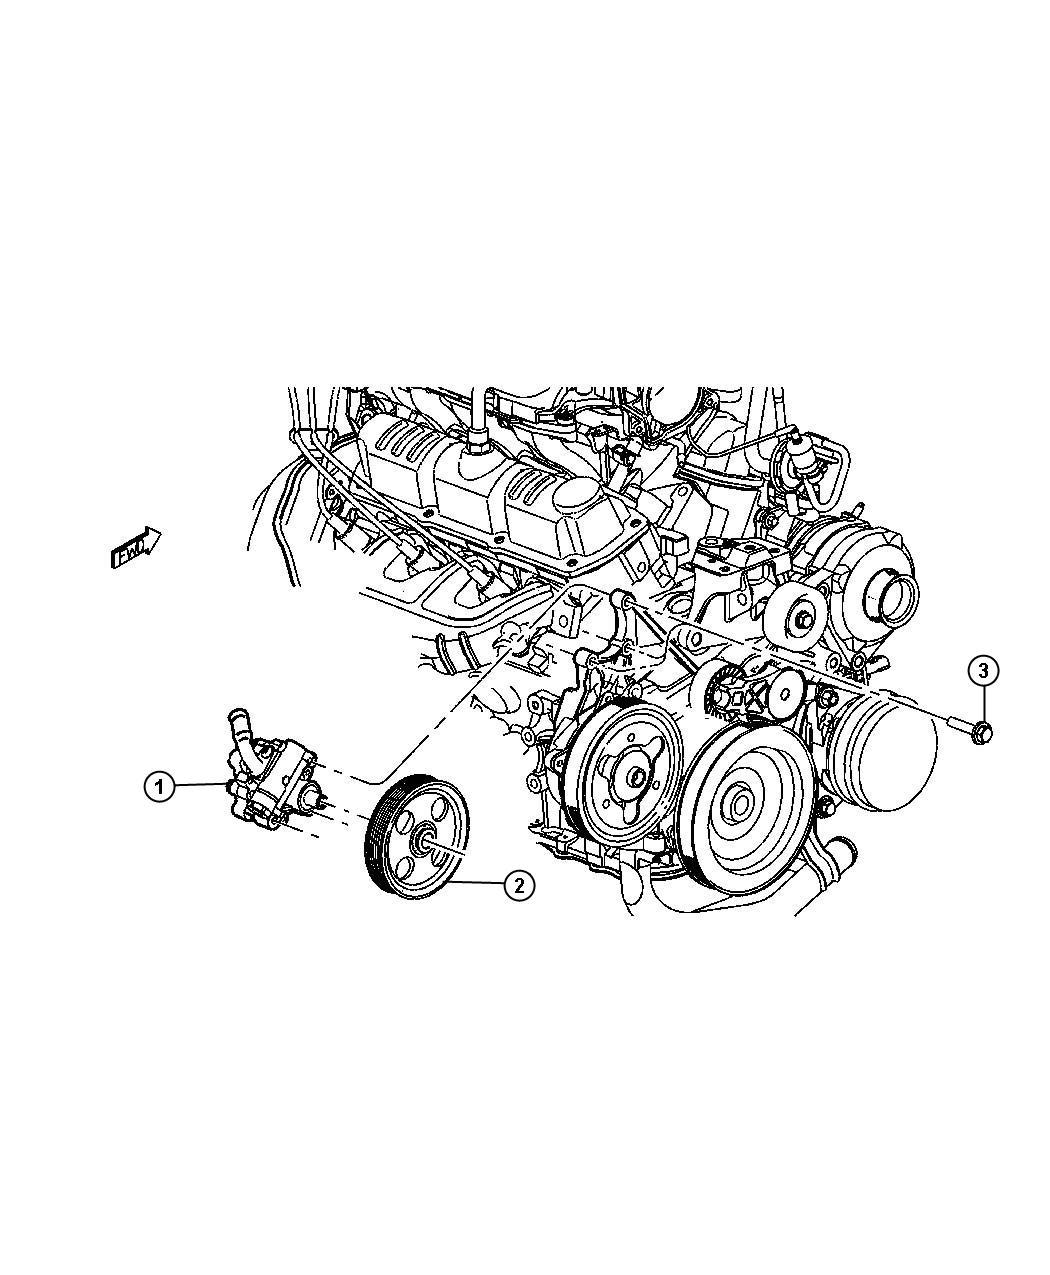 Dodge Grand Caravan Pump Power Steering